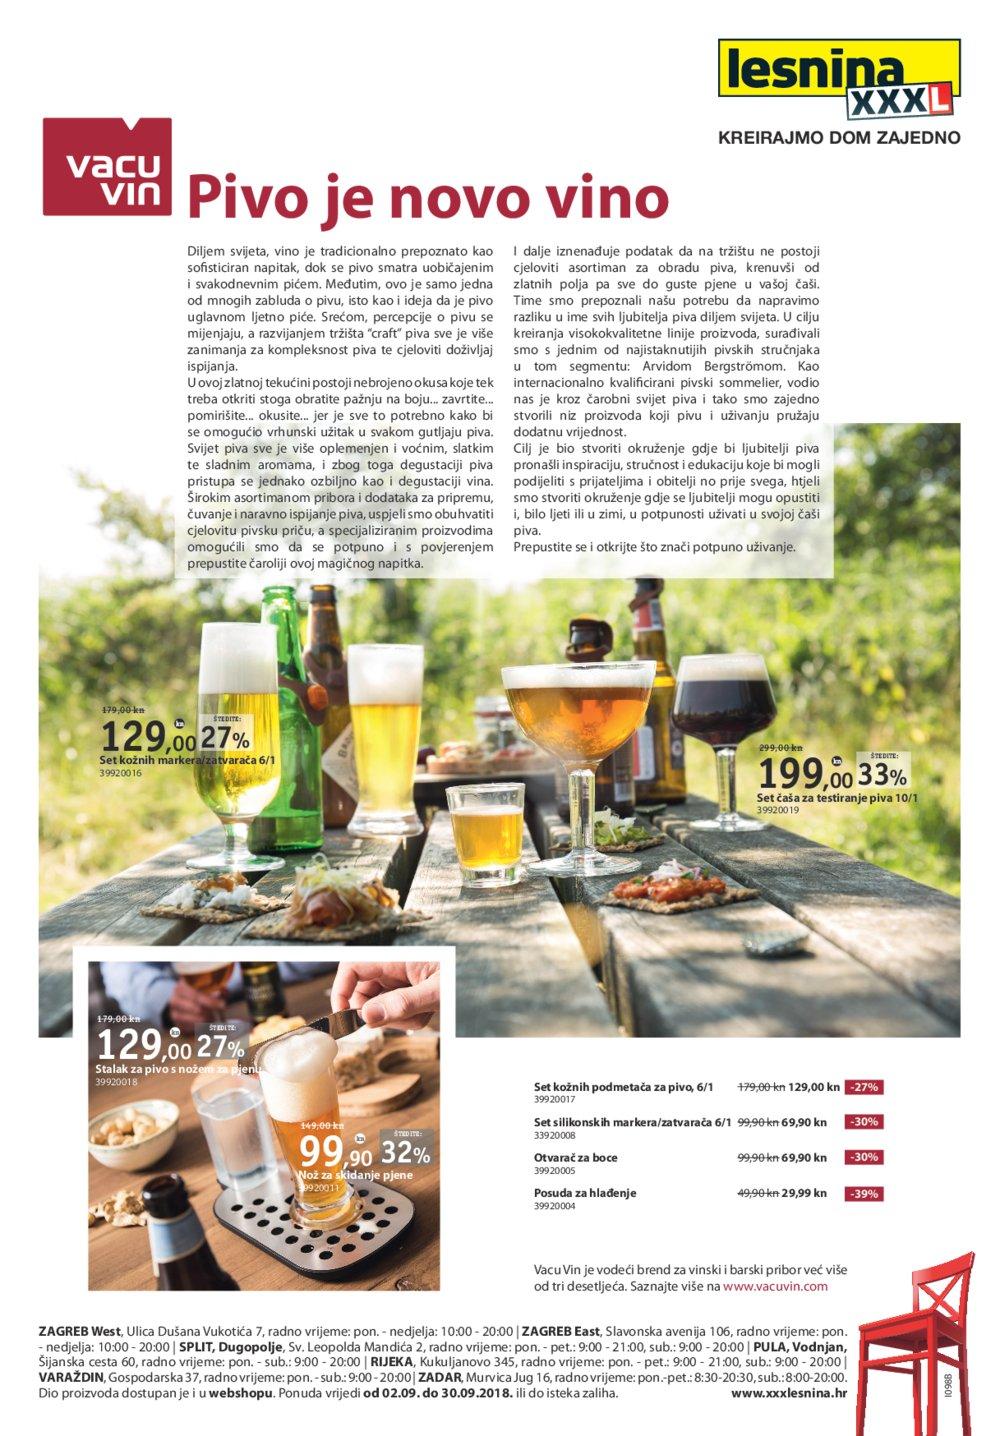 Lesnina letak Pivo je novo vino 02.09.-30.09.2018.